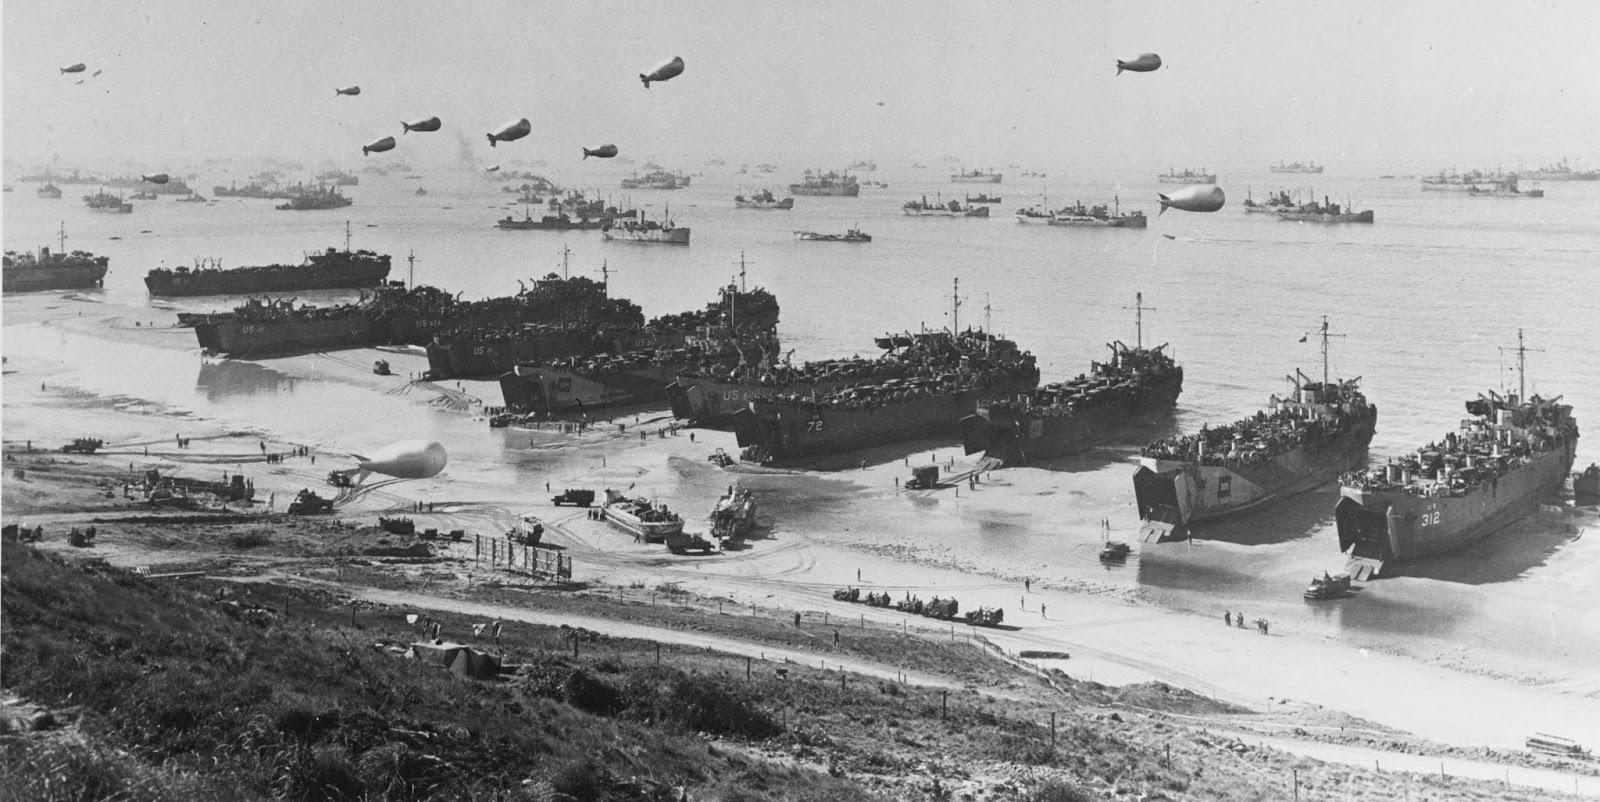 Высадка в Нормандии 6 июня 1944 года в фото